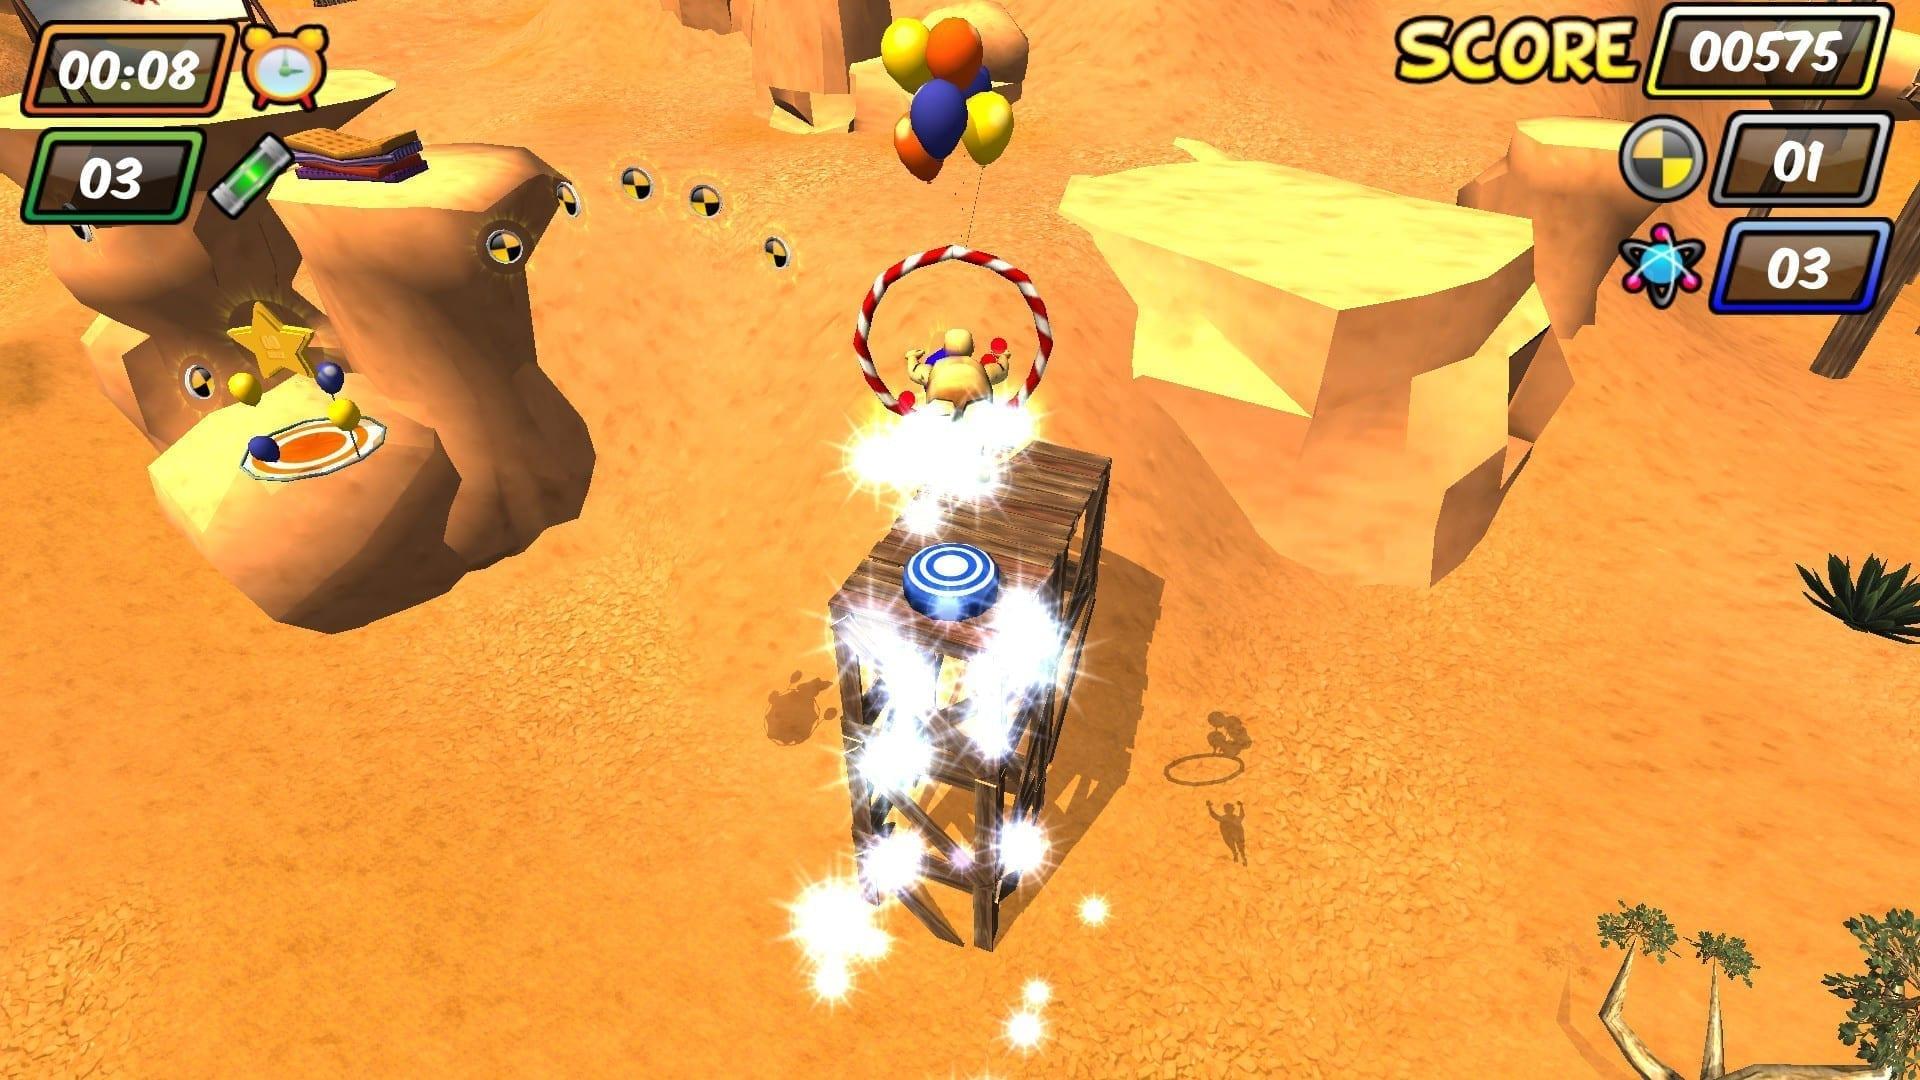 The Adventures of 00 Dilly - Юмористическая игра физики высокого полета и безумного веселья